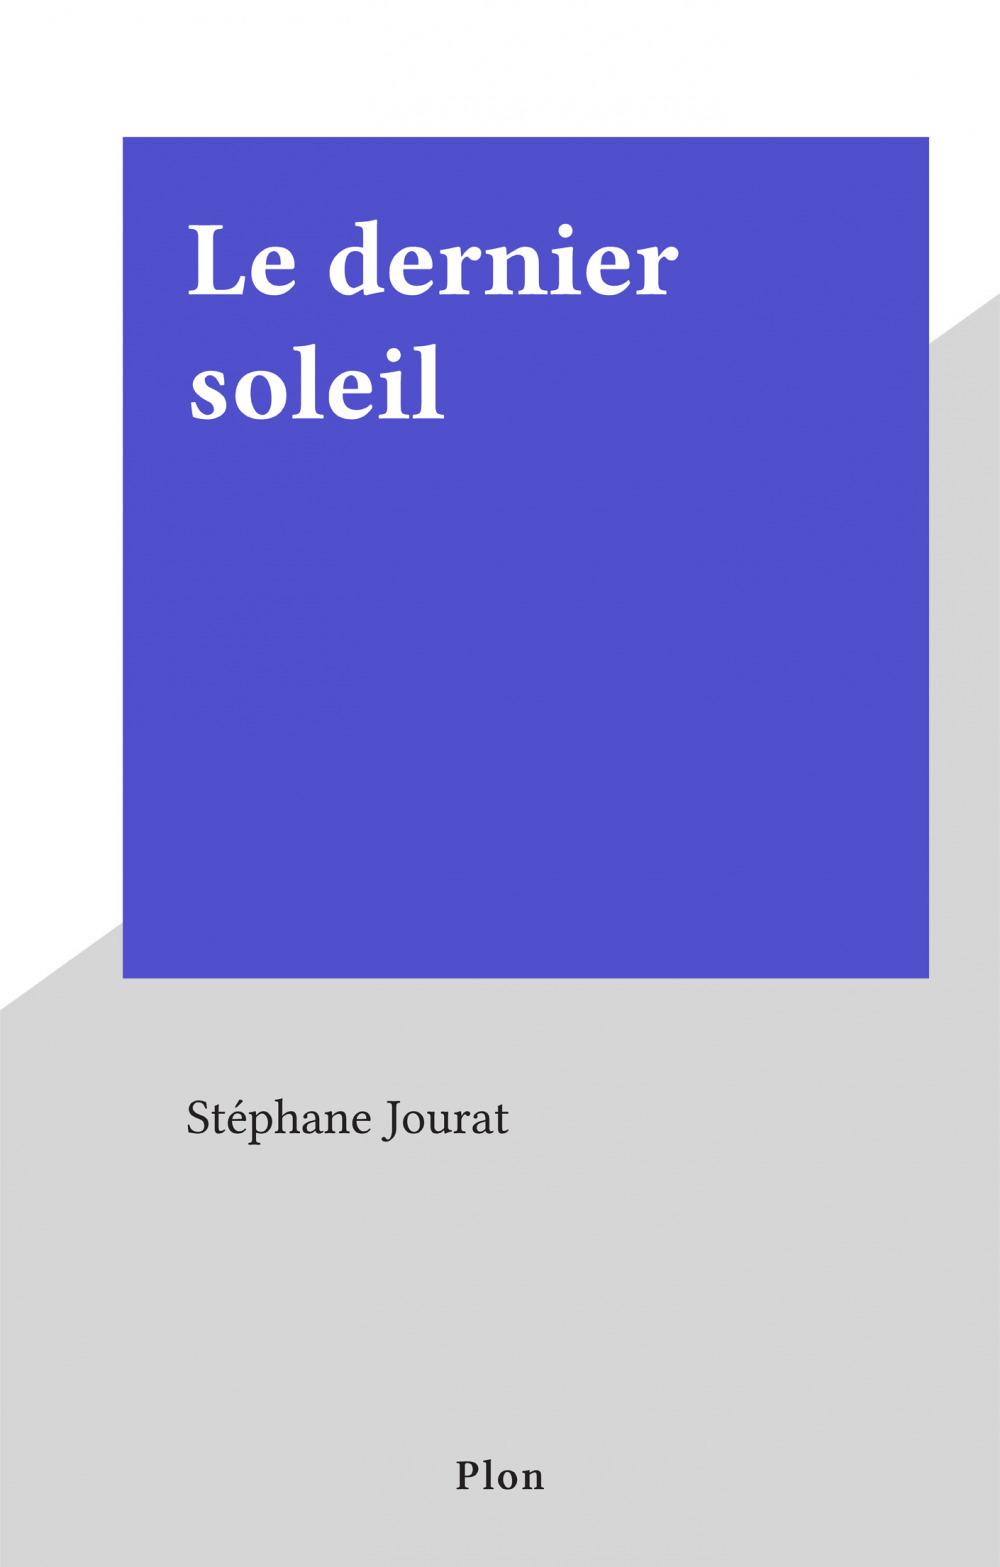 Le dernier soleil  - Stéphane Jourat